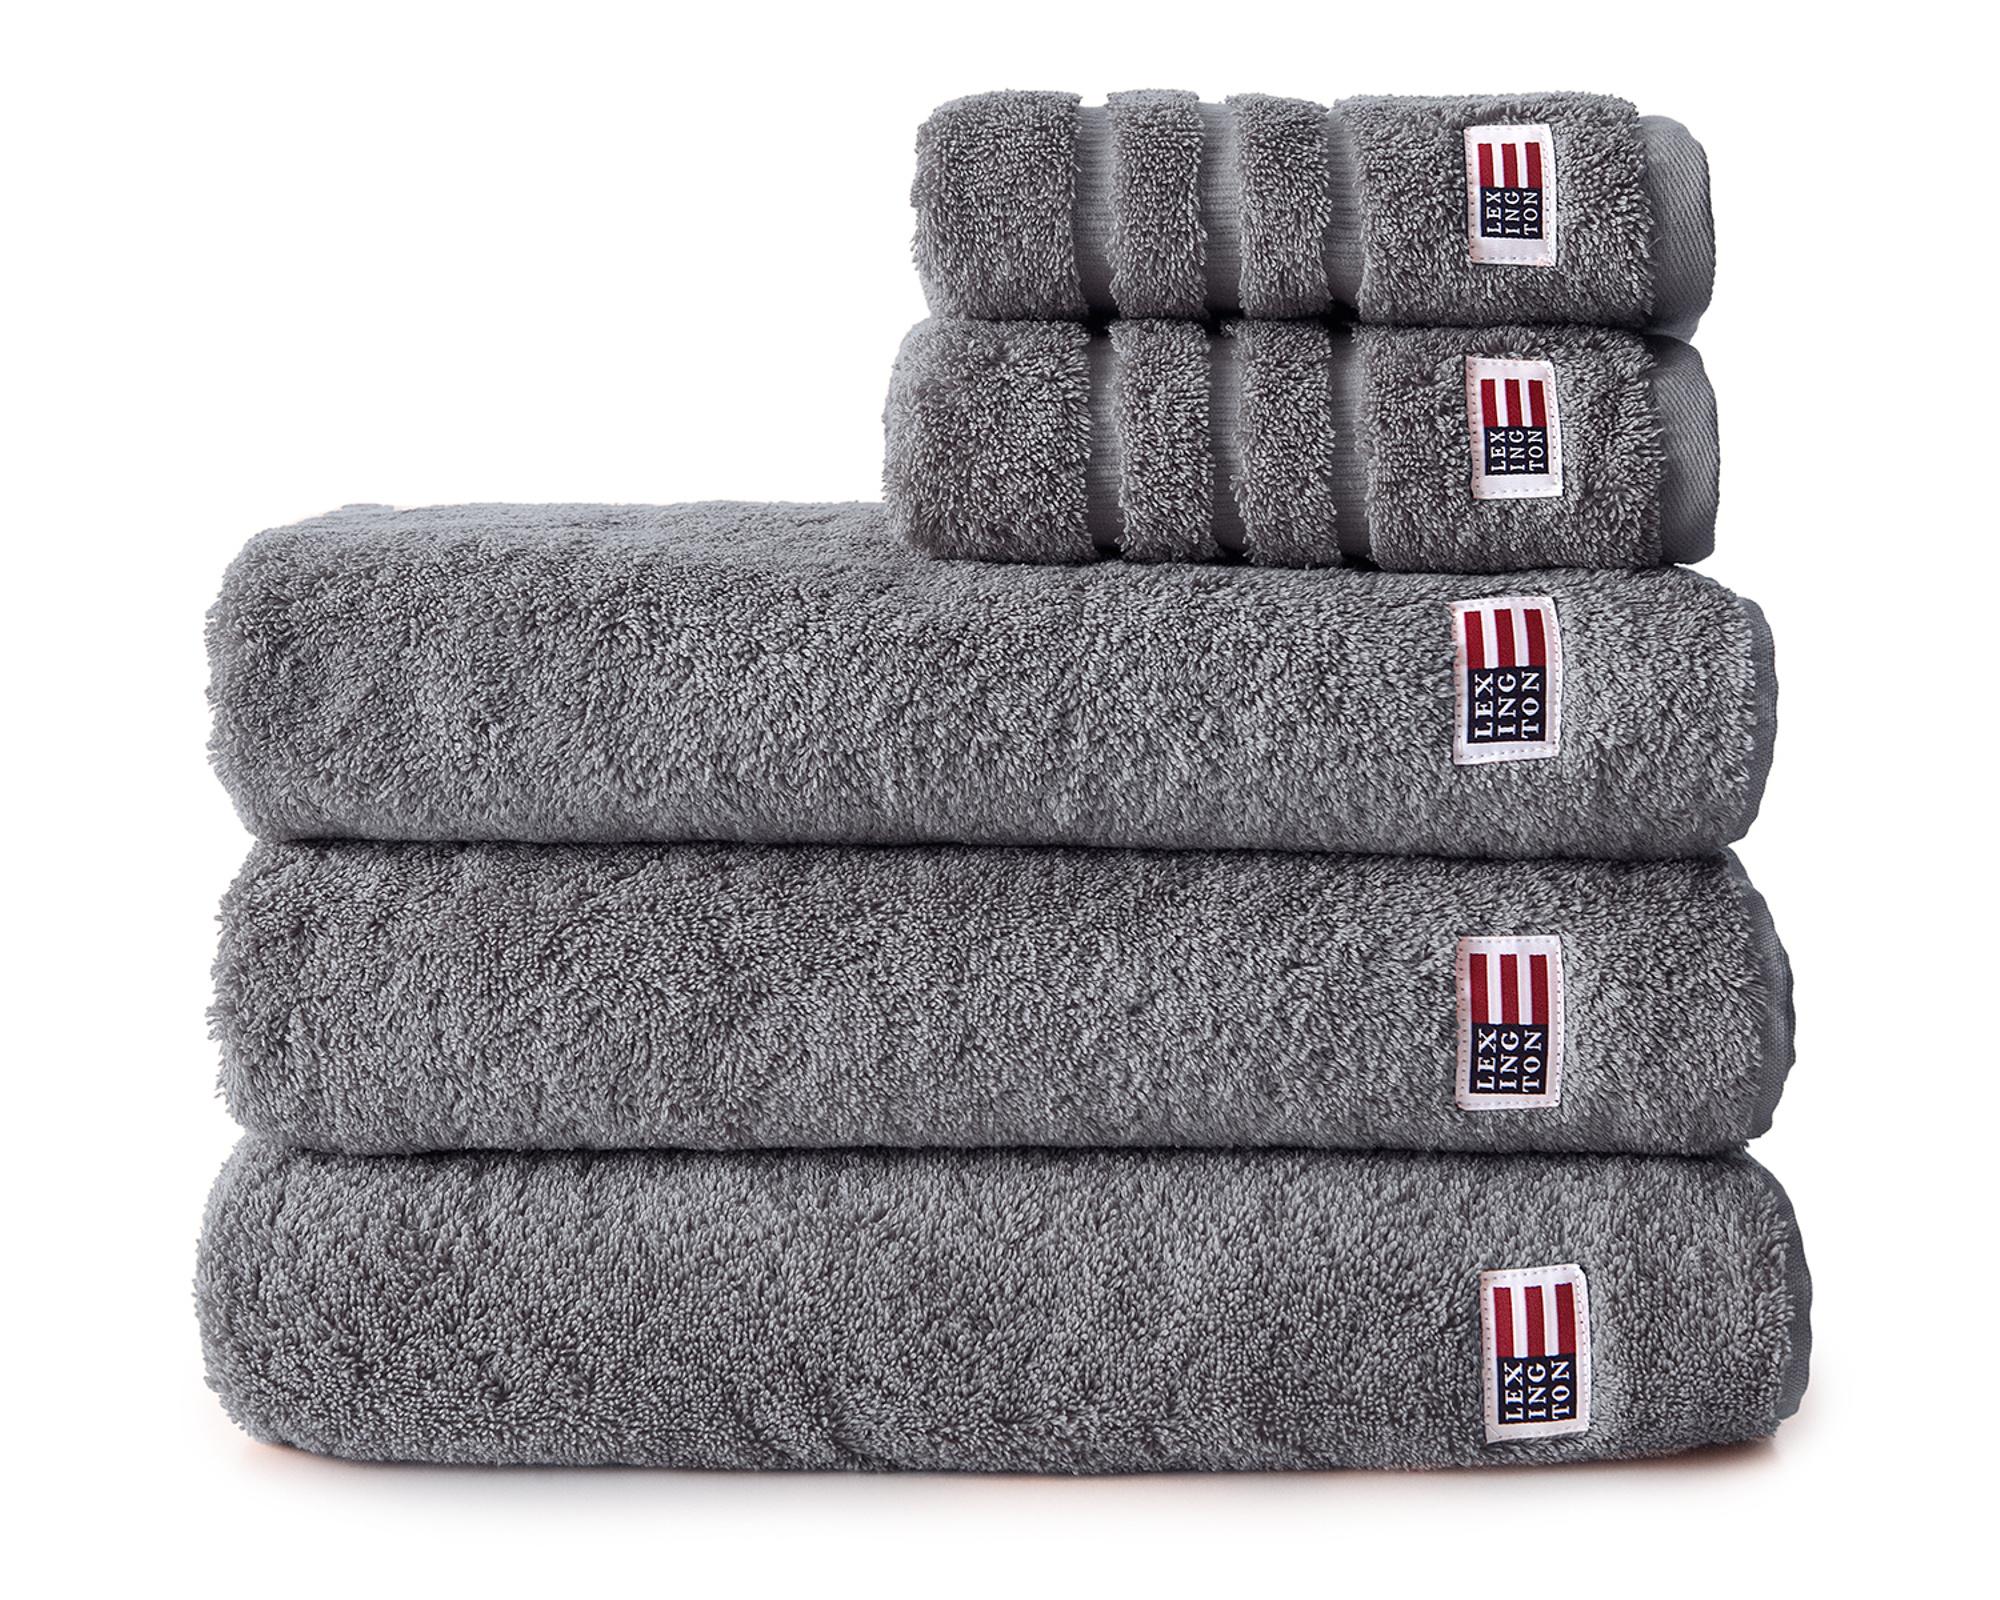 Original Bath Towel Stone Gray